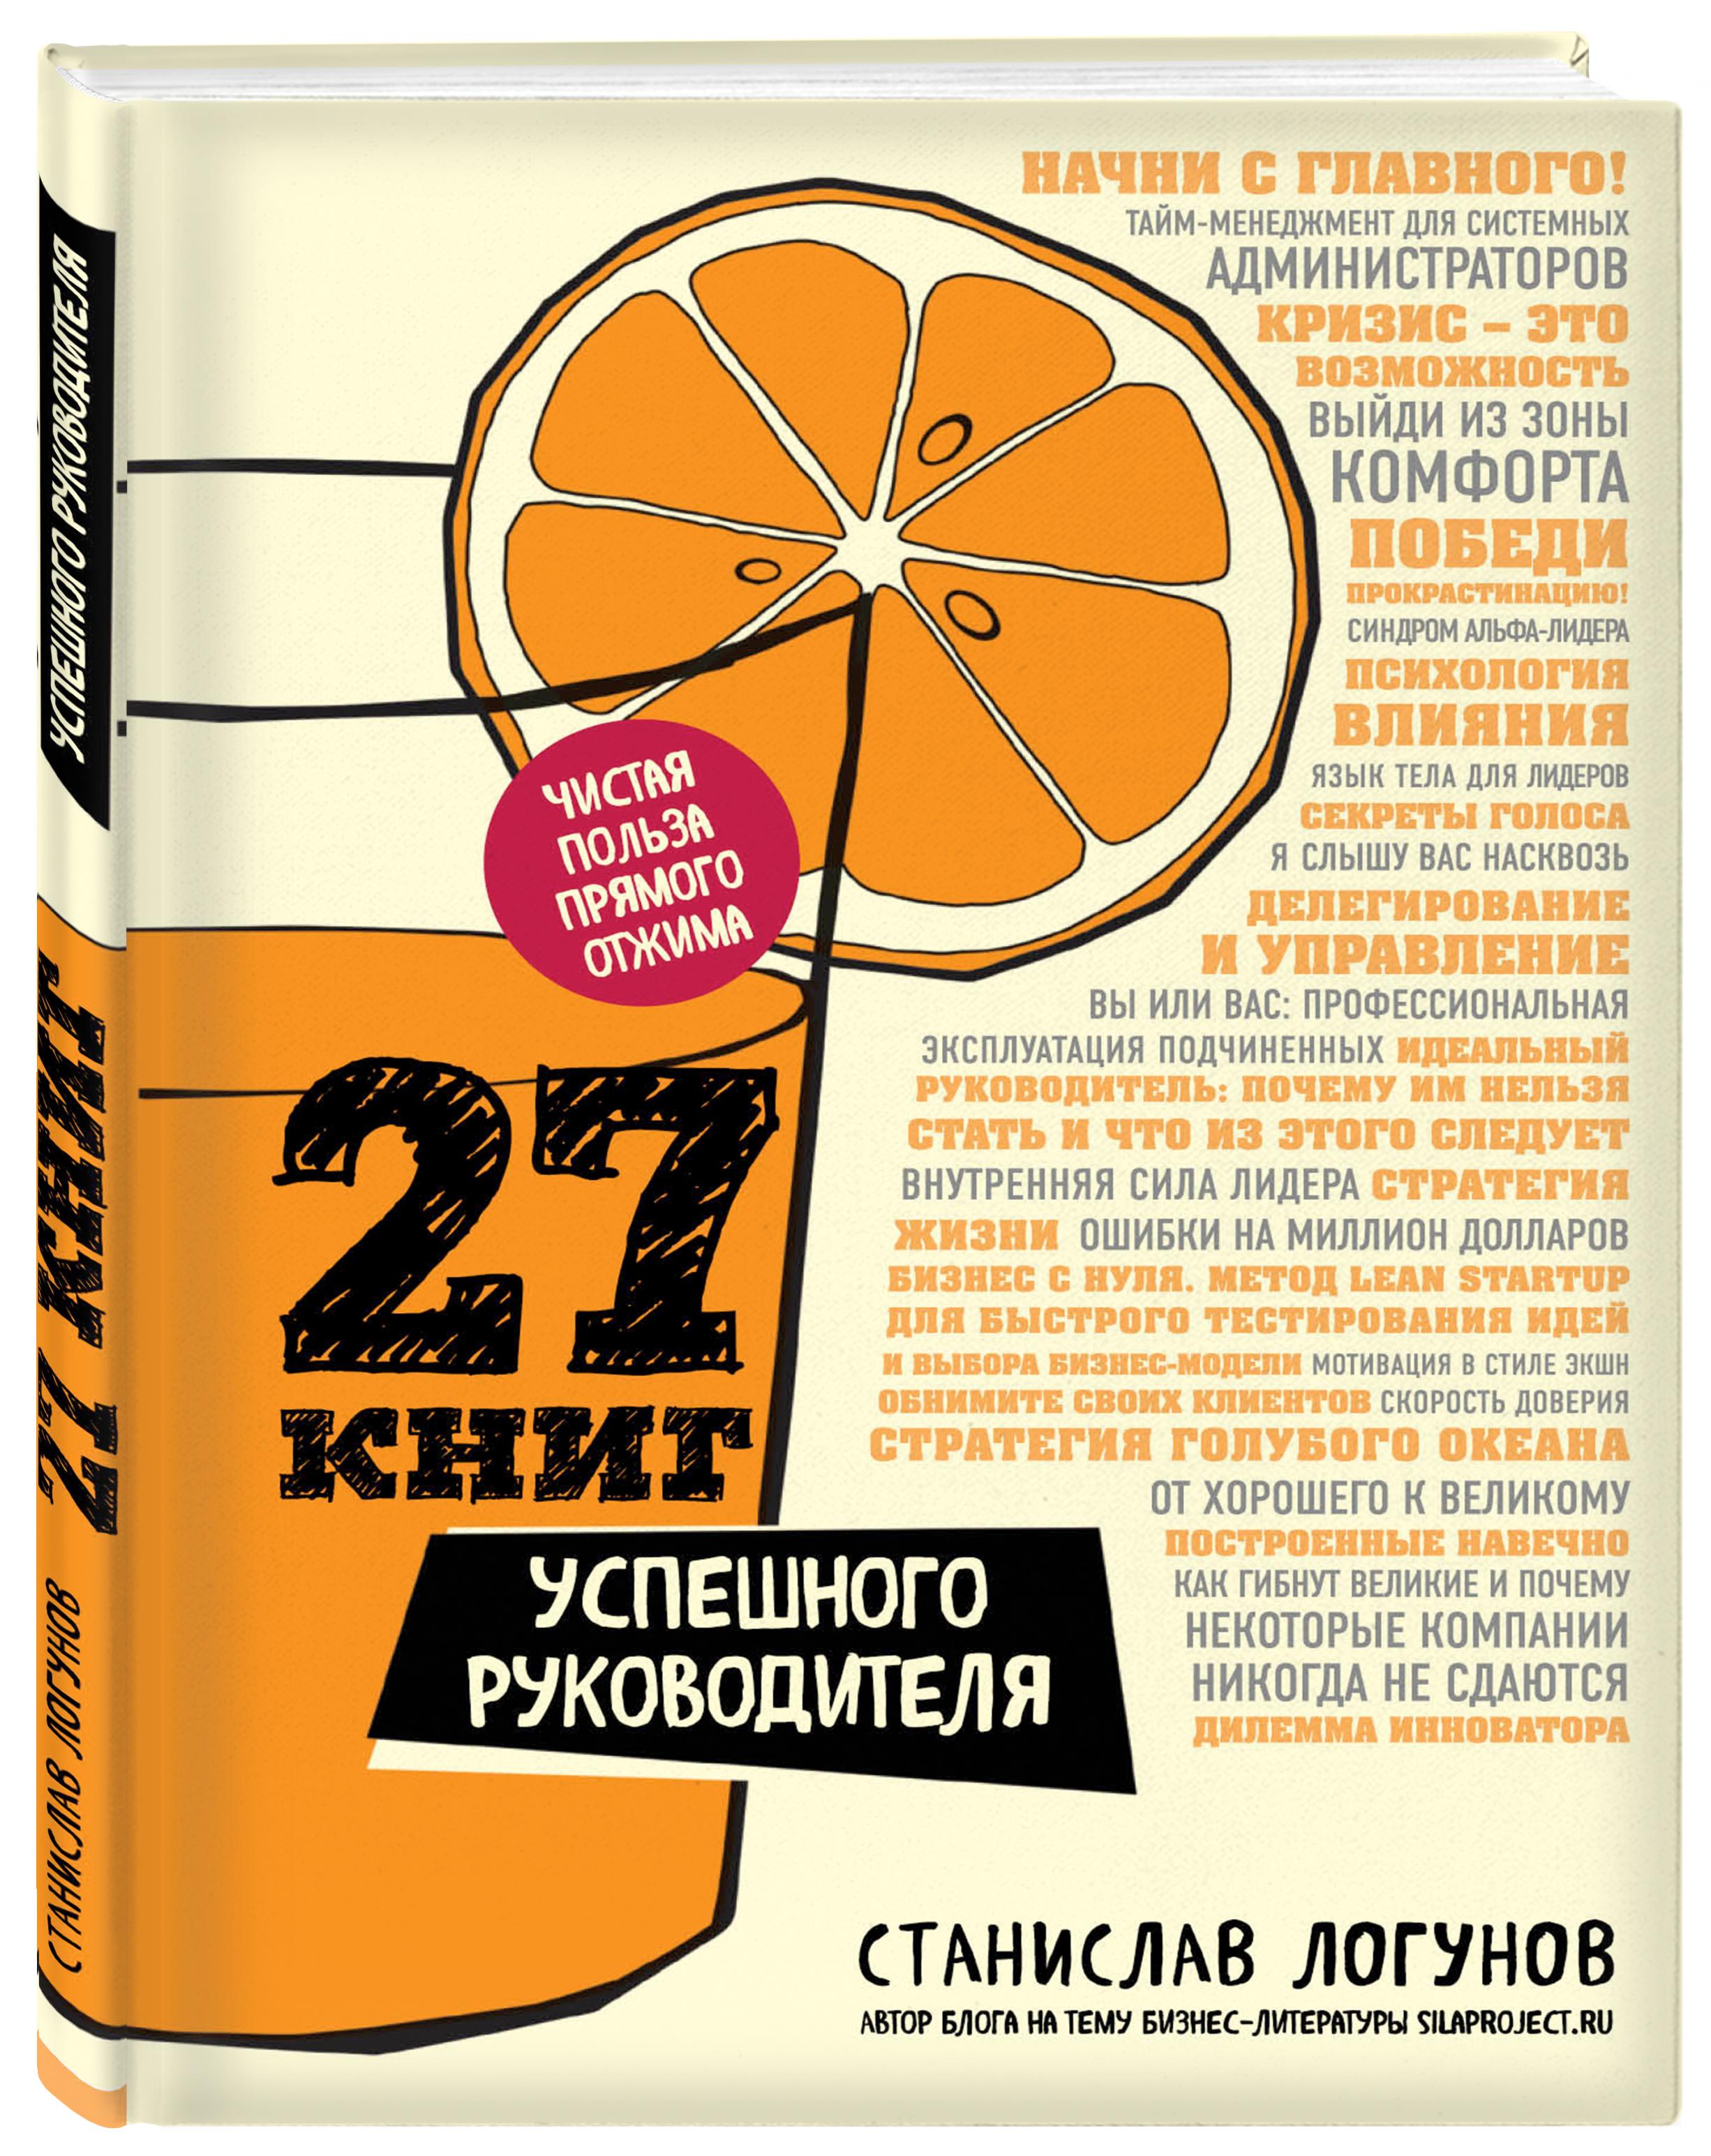 Станислав Логунов 27 книг успешного руководителя